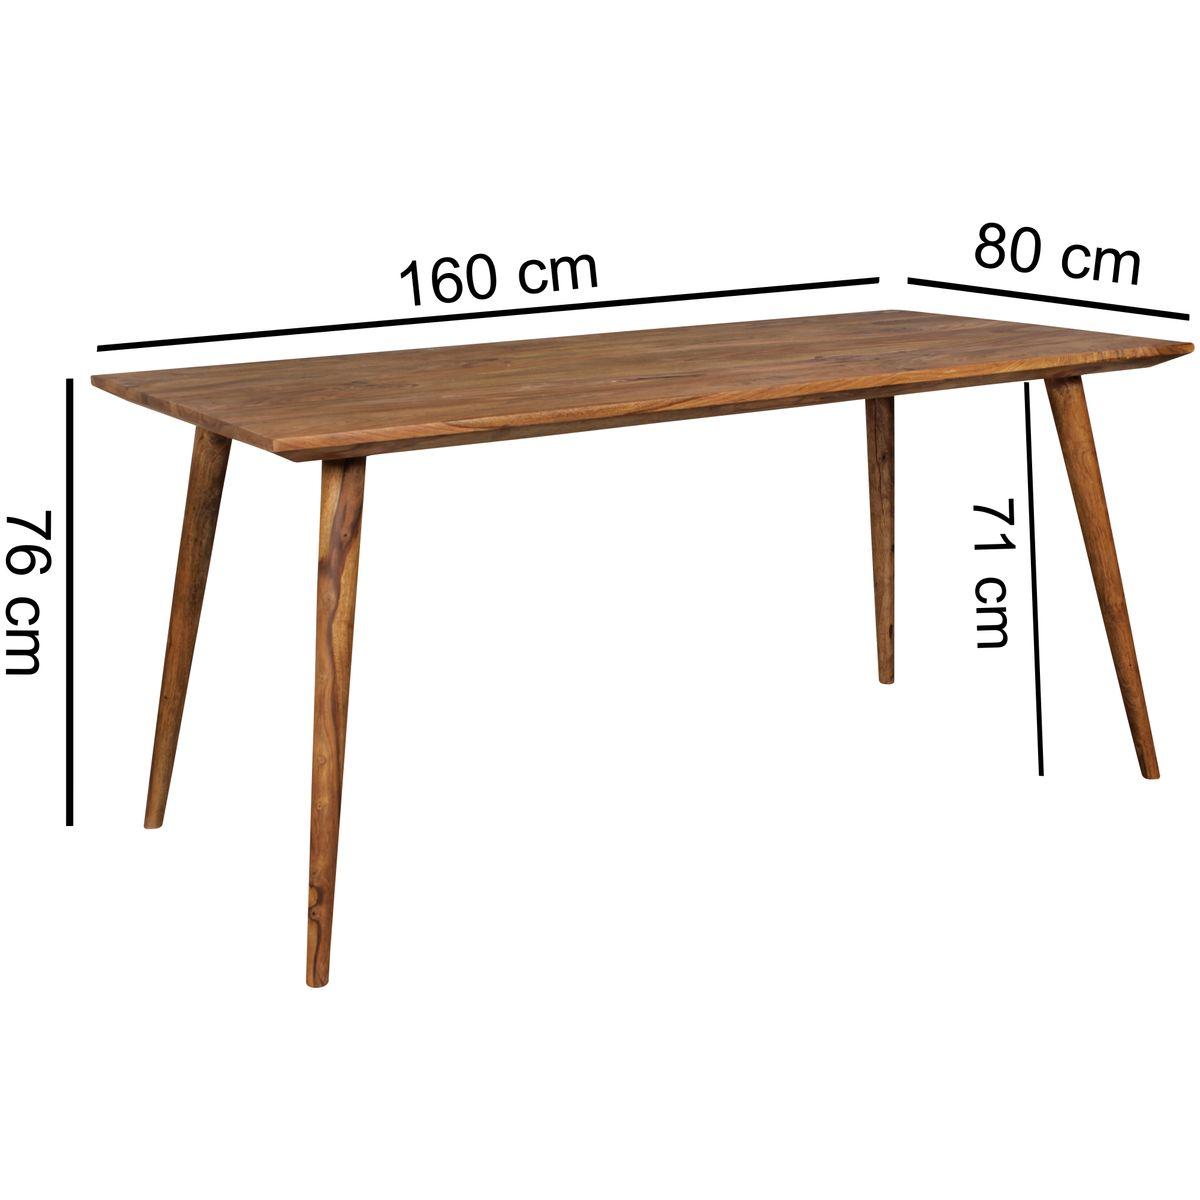 Finebuy esstisch 160 x 80cm esszimmertisch sheesham massiv for Esszimmertisch 80 cm breit